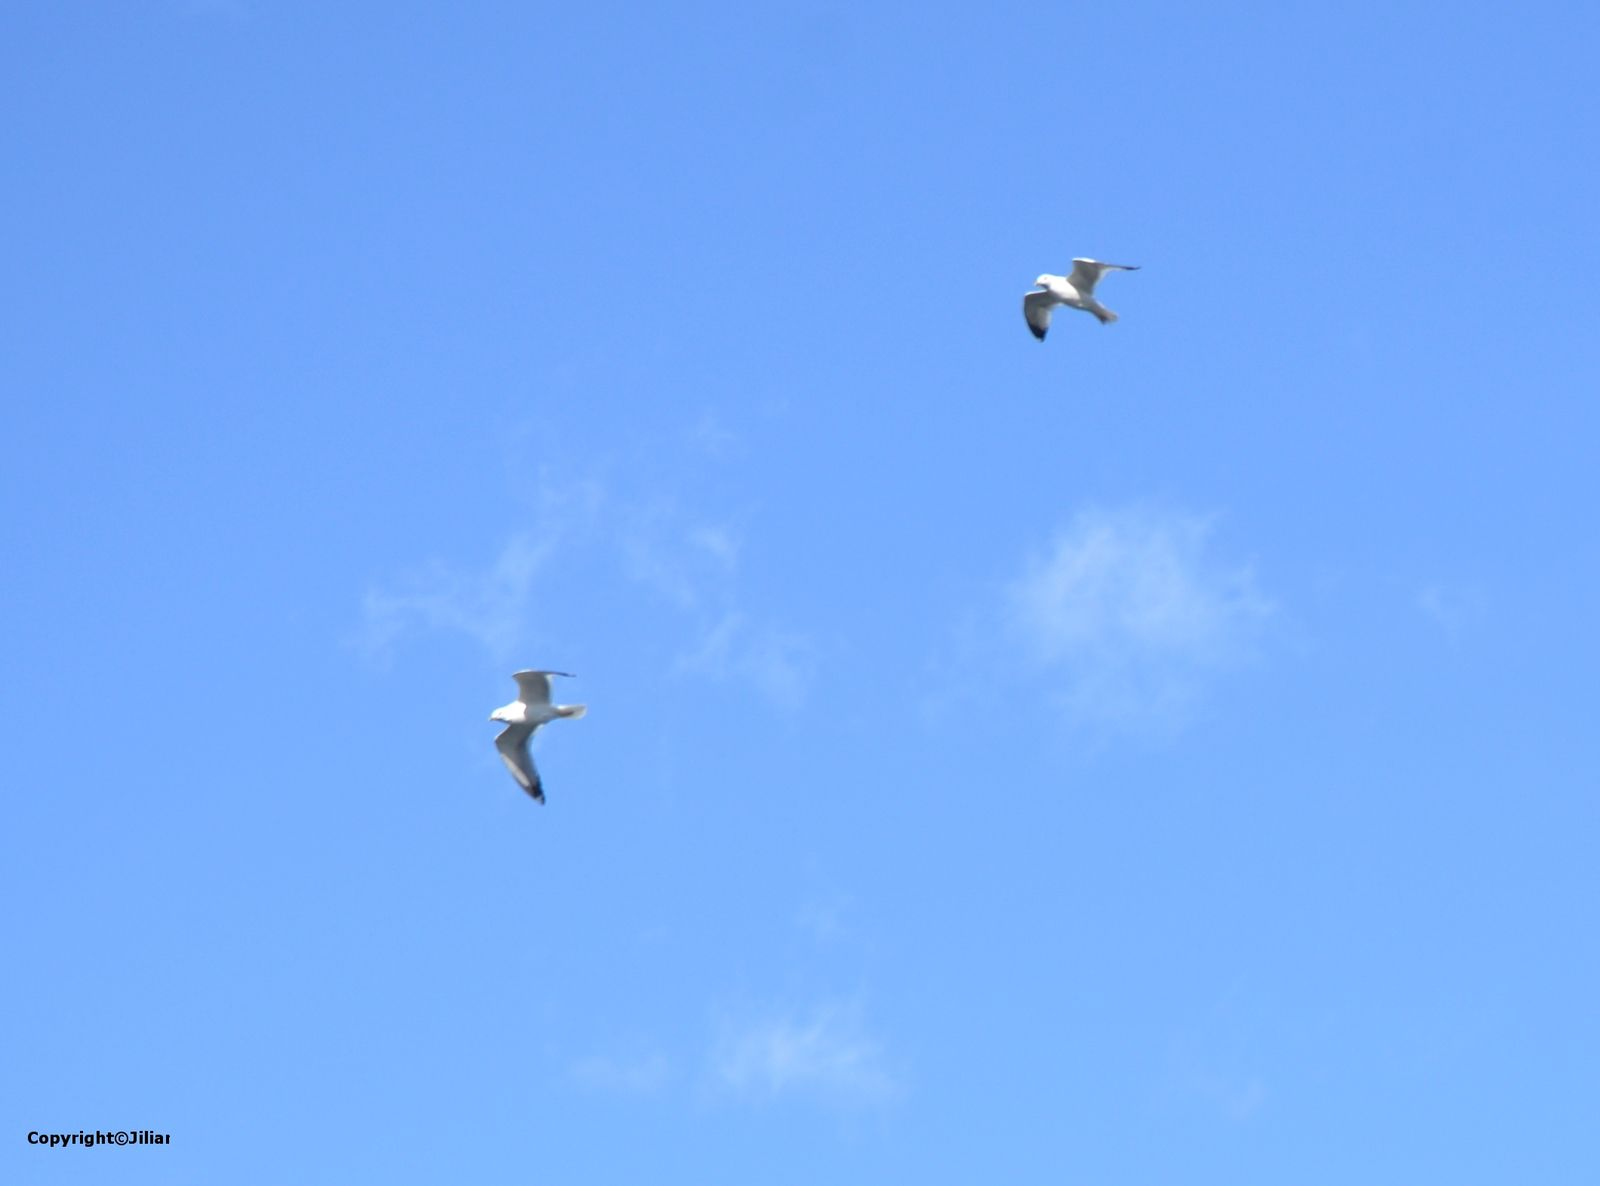 Beijing au temps du coronavirus : des mouettes en visite à Beijing - 冠状病毒时代的北京 - 海鸥来北京访问